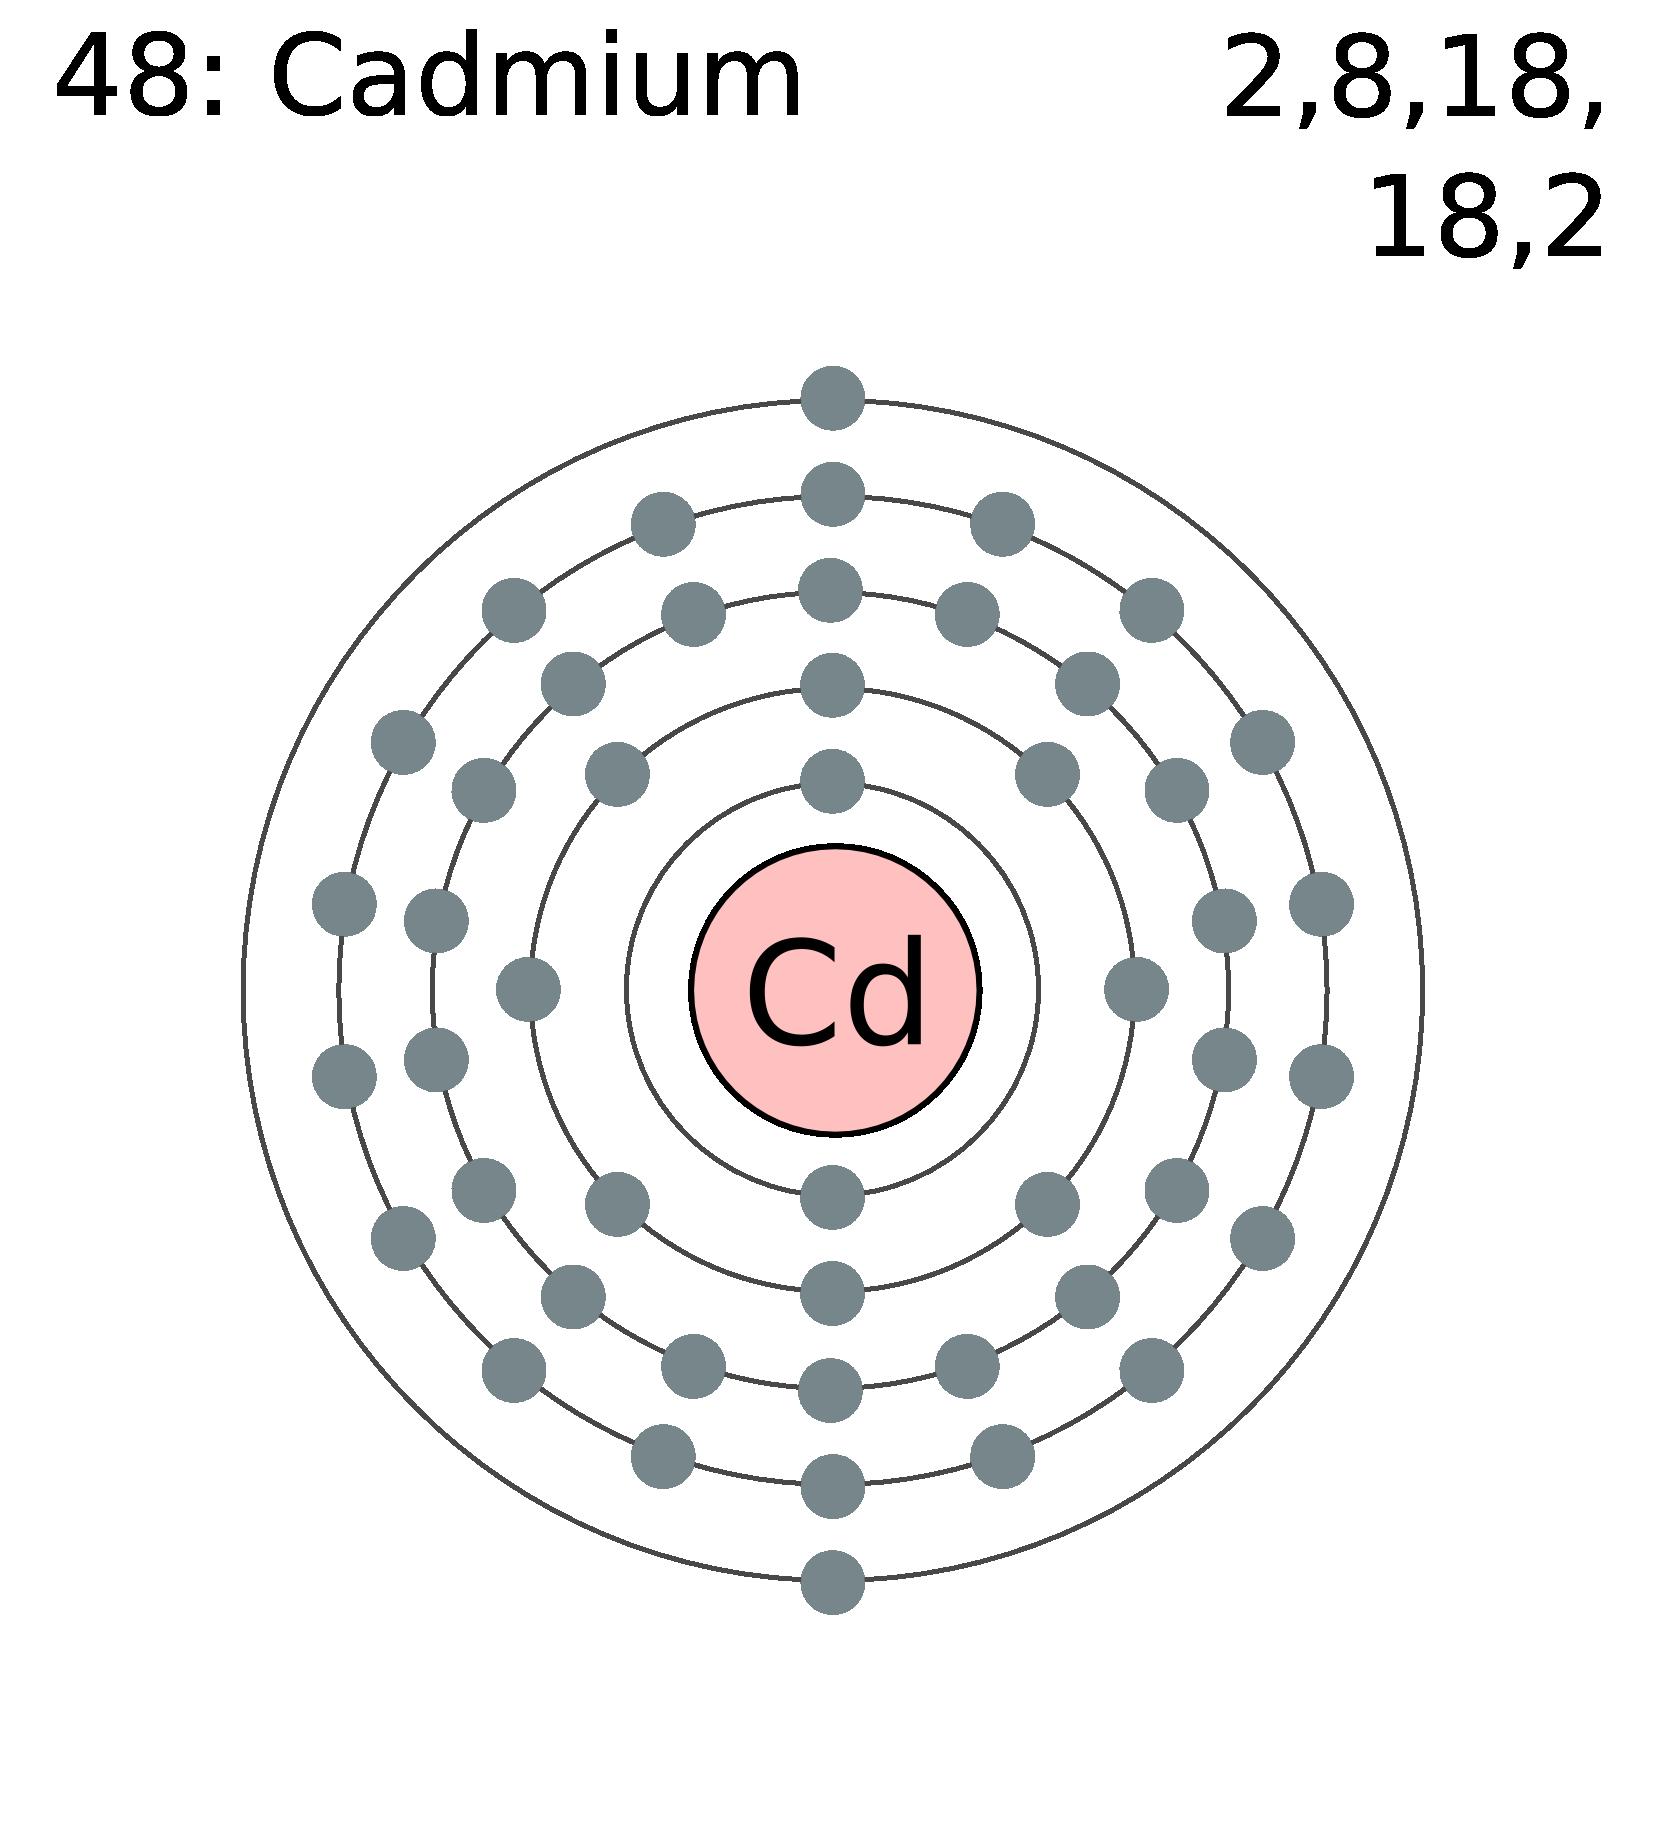 Electron_shell_048_cadmium diagram of cadmium data wiring diagram schematic